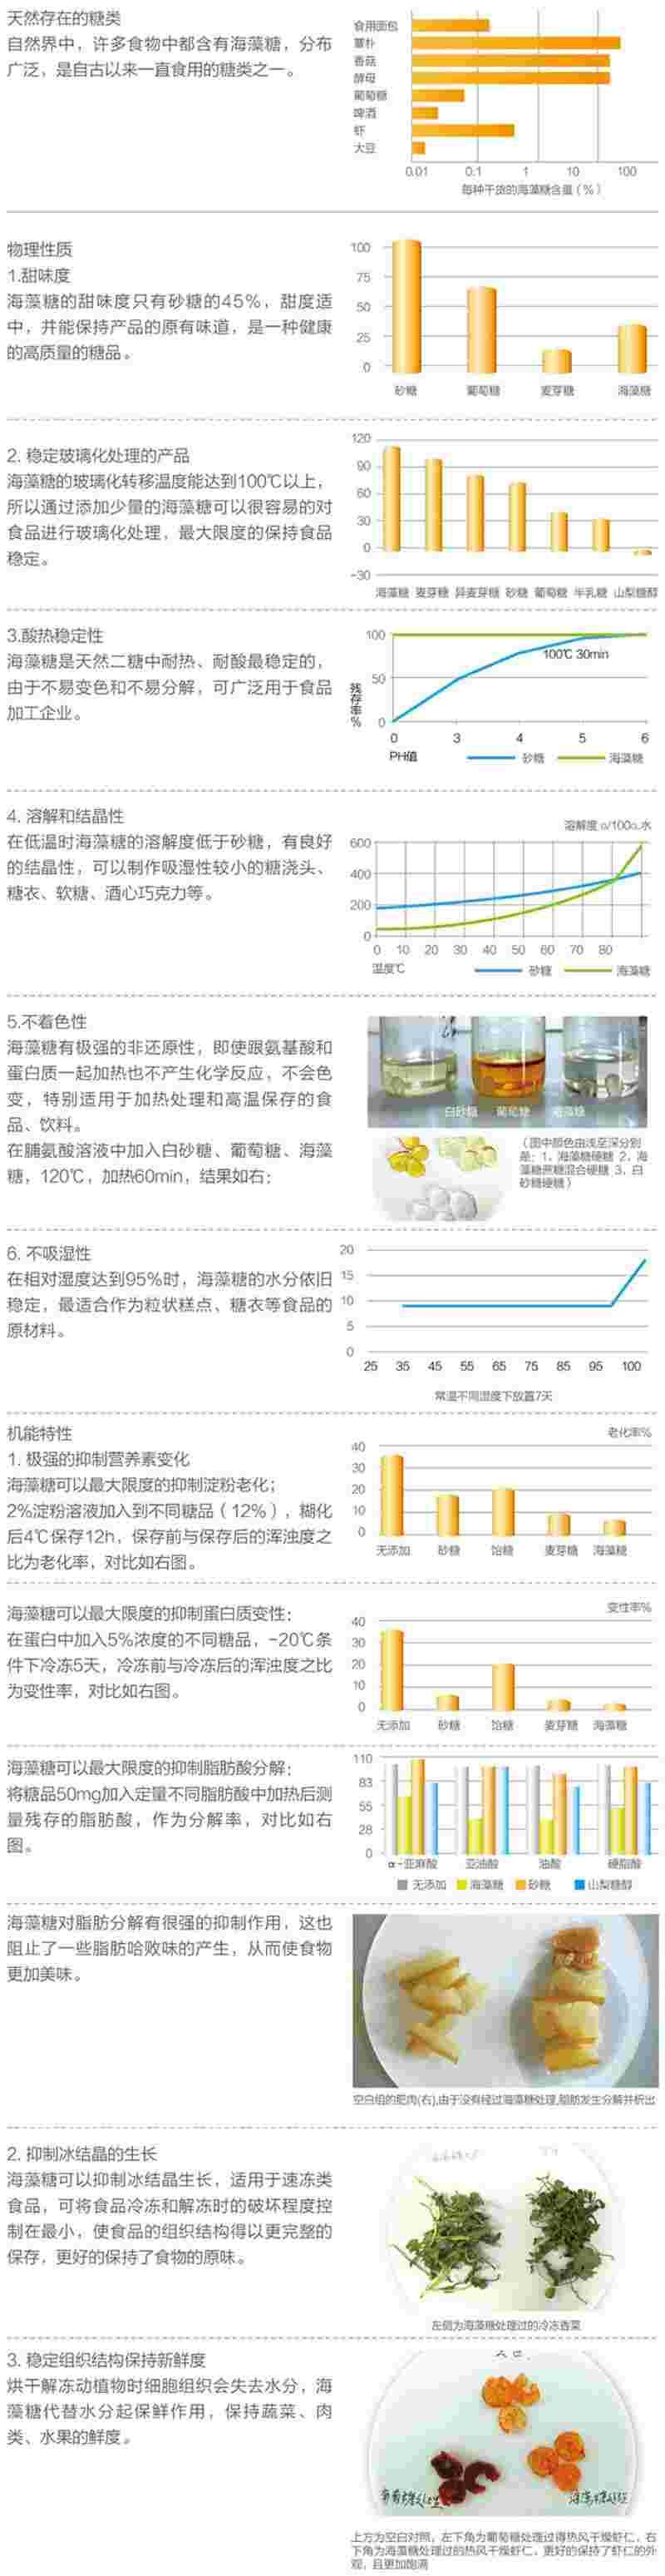 海藻糖内容排版-01.jpg